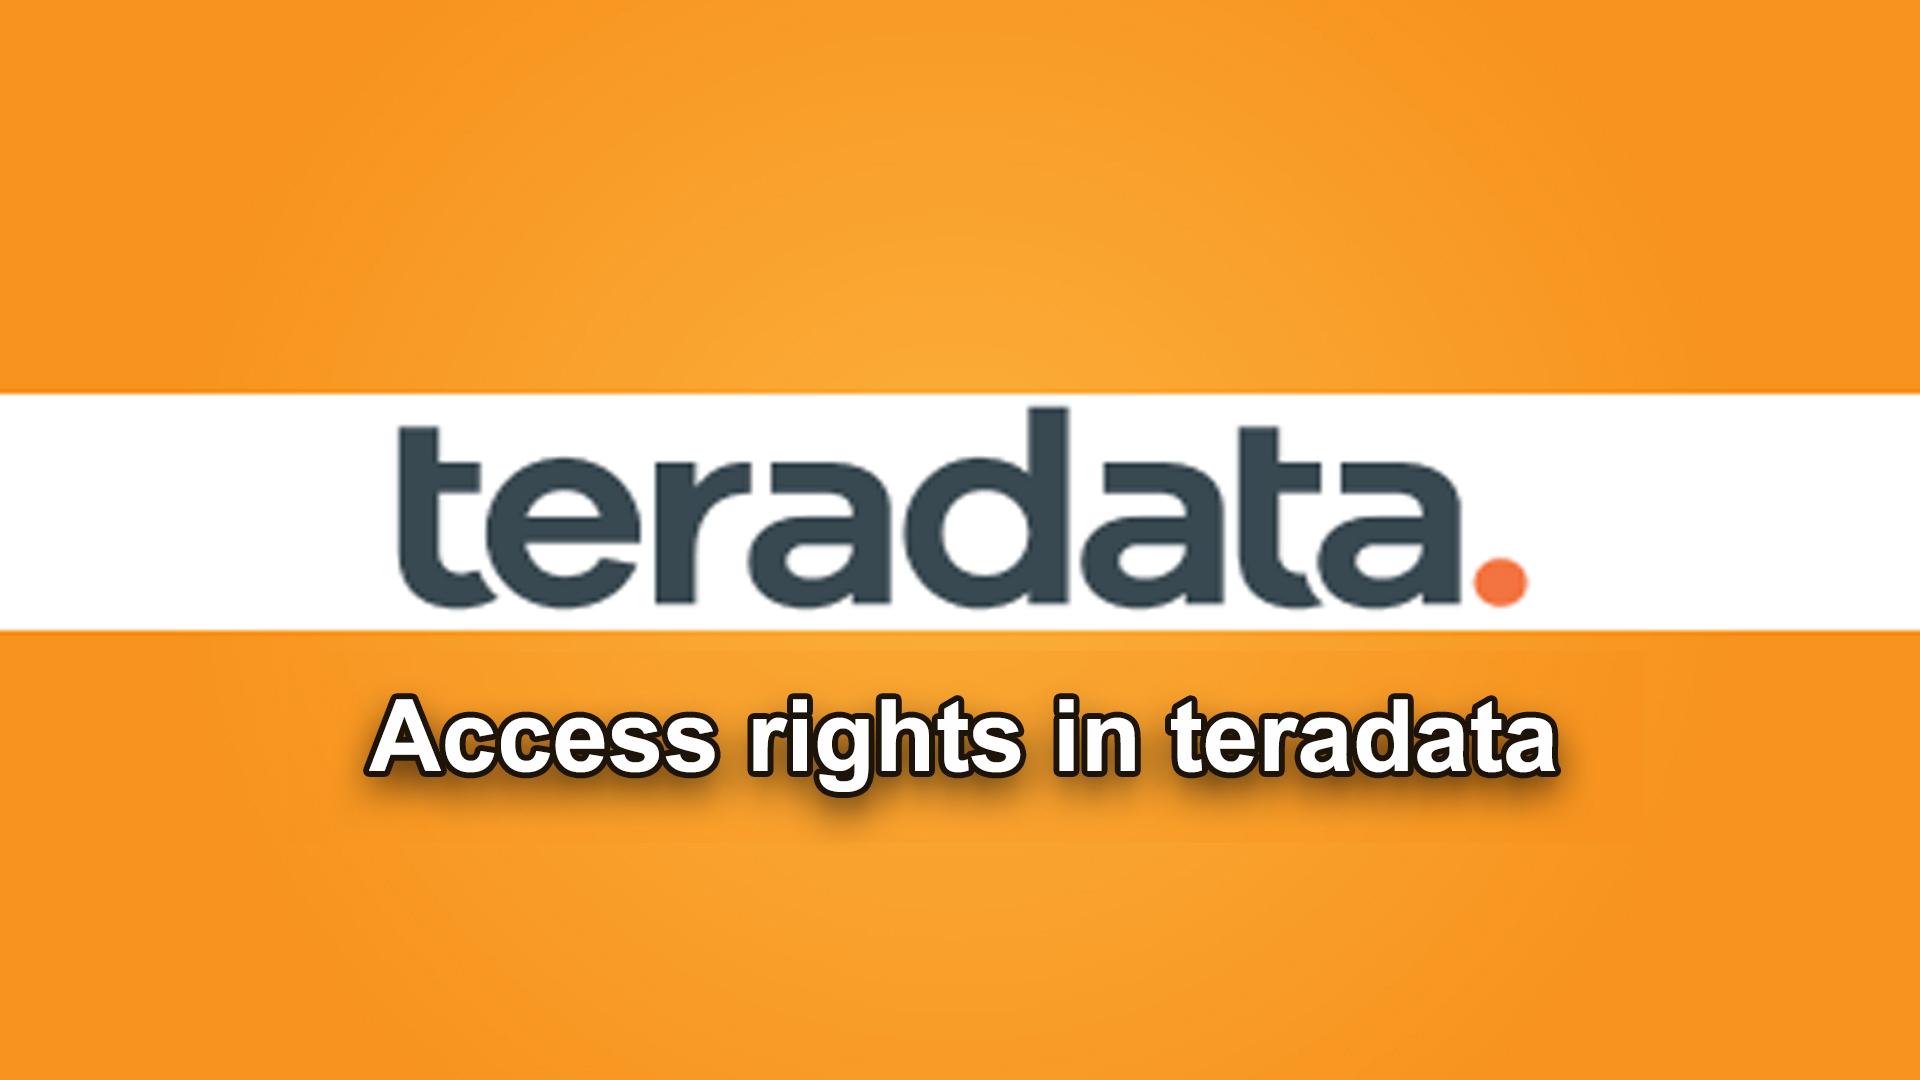 ACCESS RIGHTS IN TERADATA